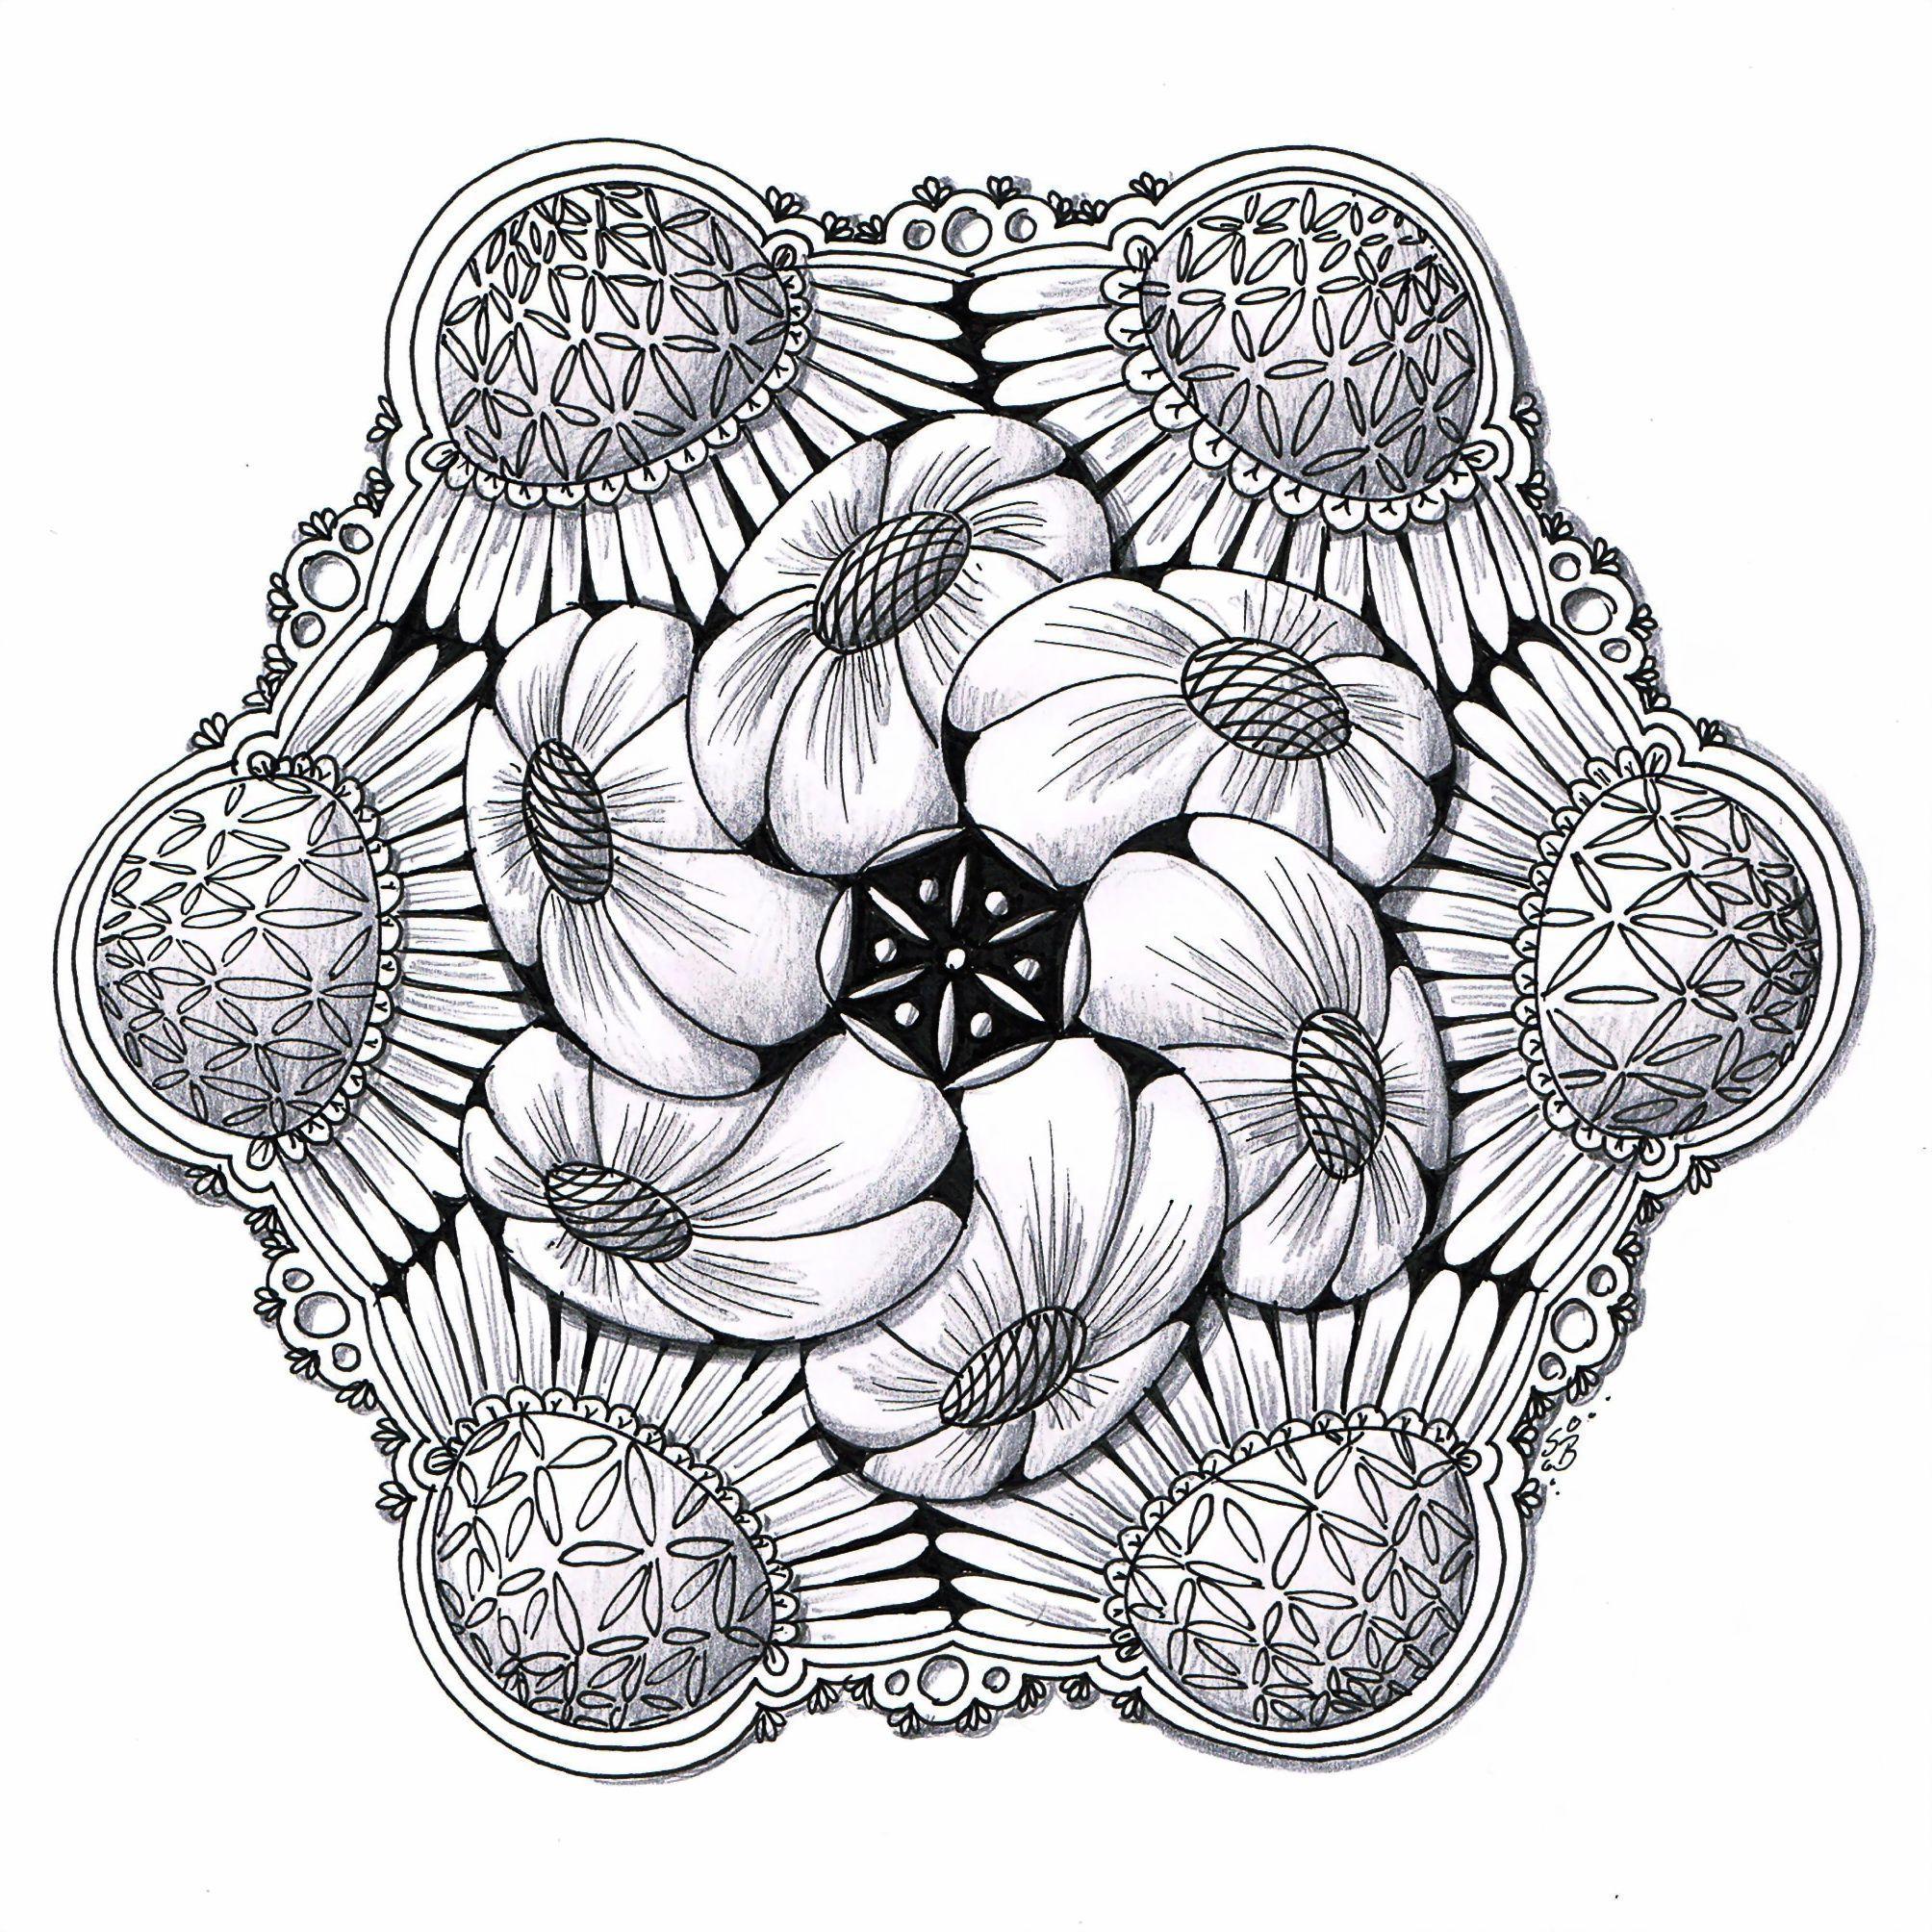 Erins Neues Zendala Template Und Das Neue Muster Quandry Zentangle Zeichnungen Zentangle Kunst Zentangle Muster